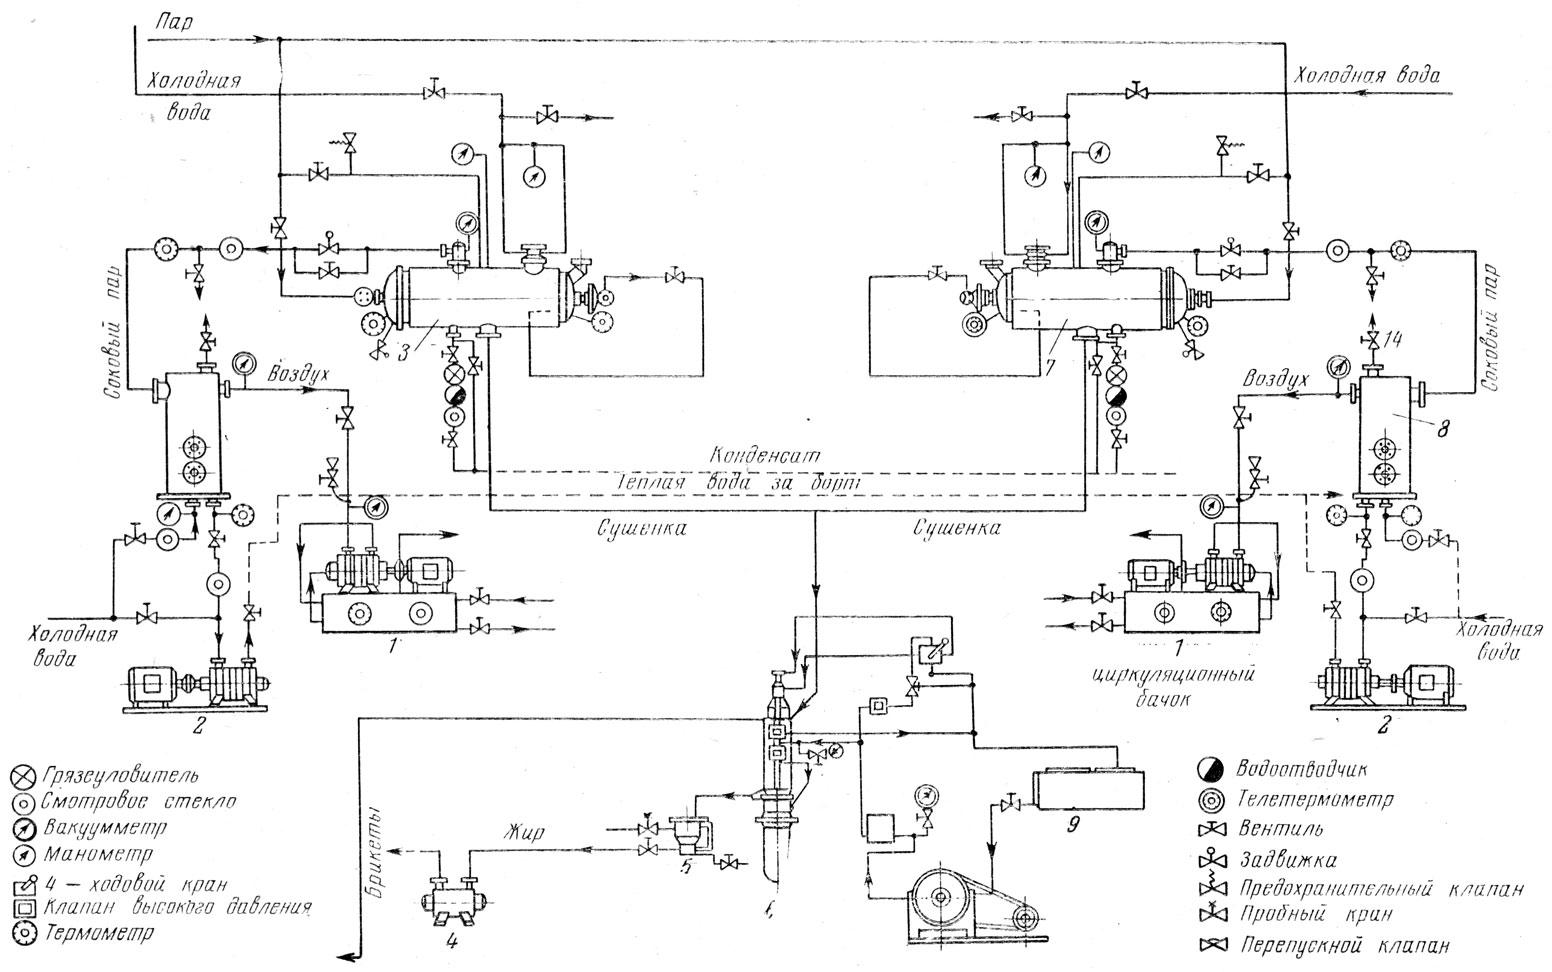 фото схема воздушного полуфабриката